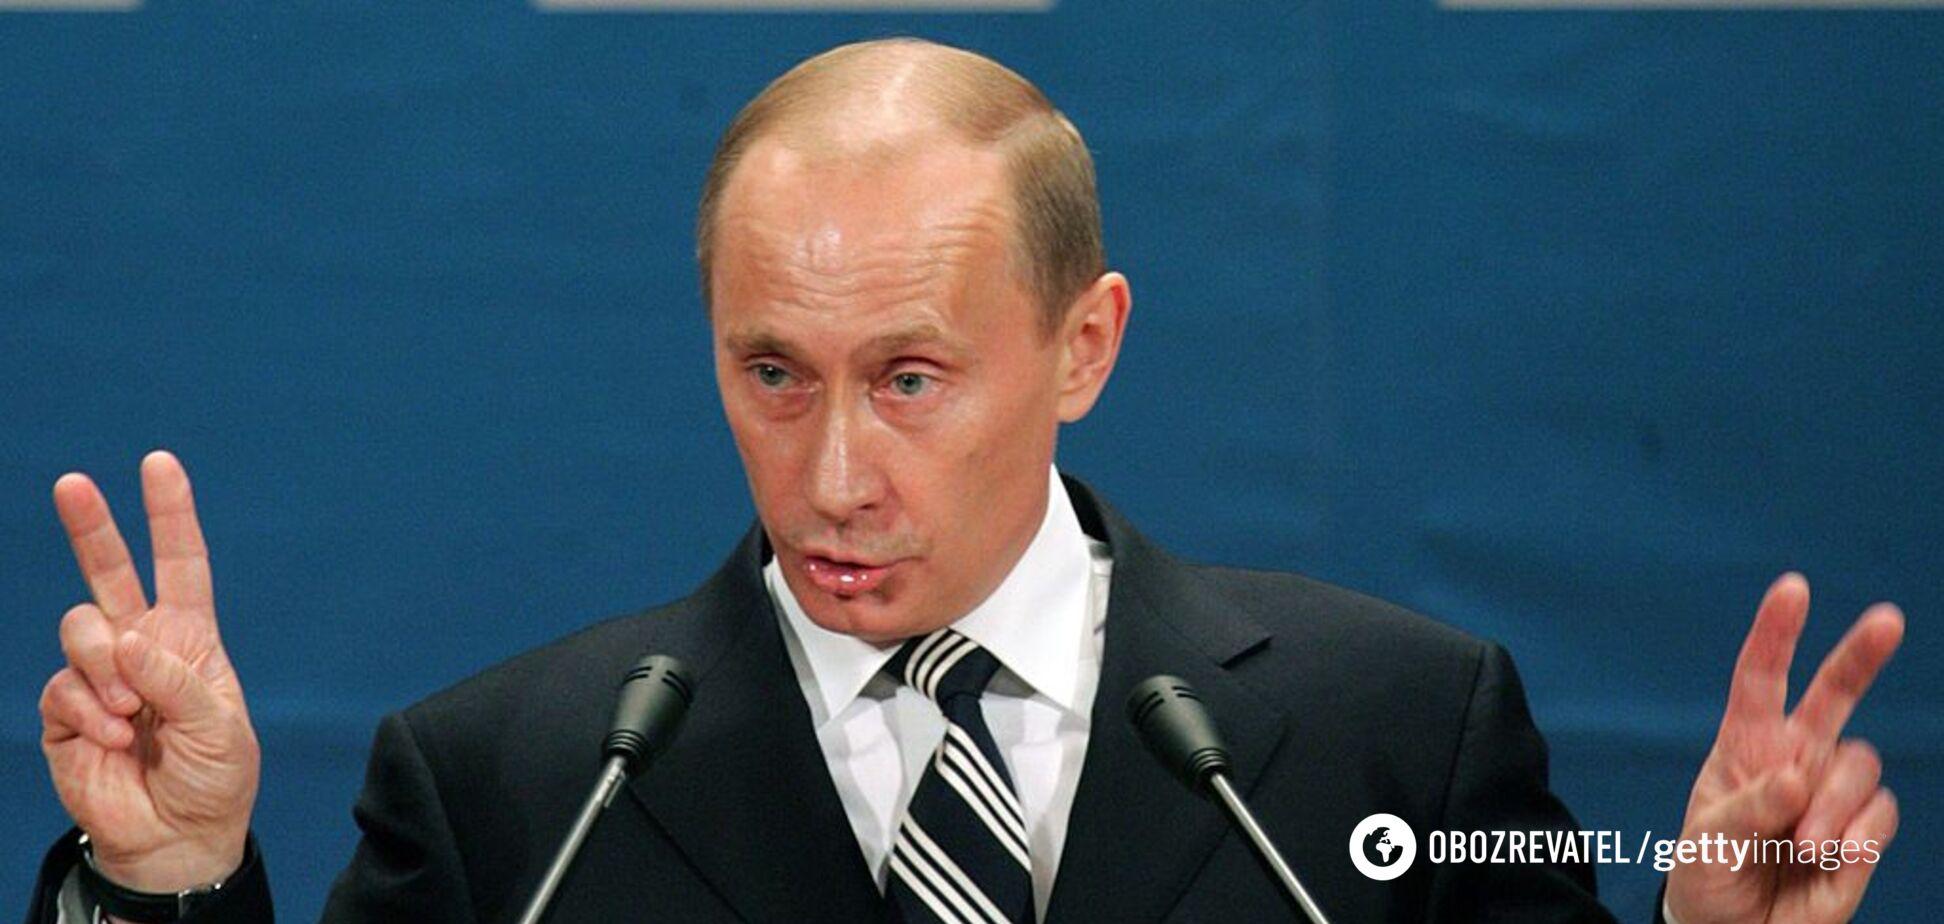 'Путин – черт': Чичваркин жестко высказался о президенте России